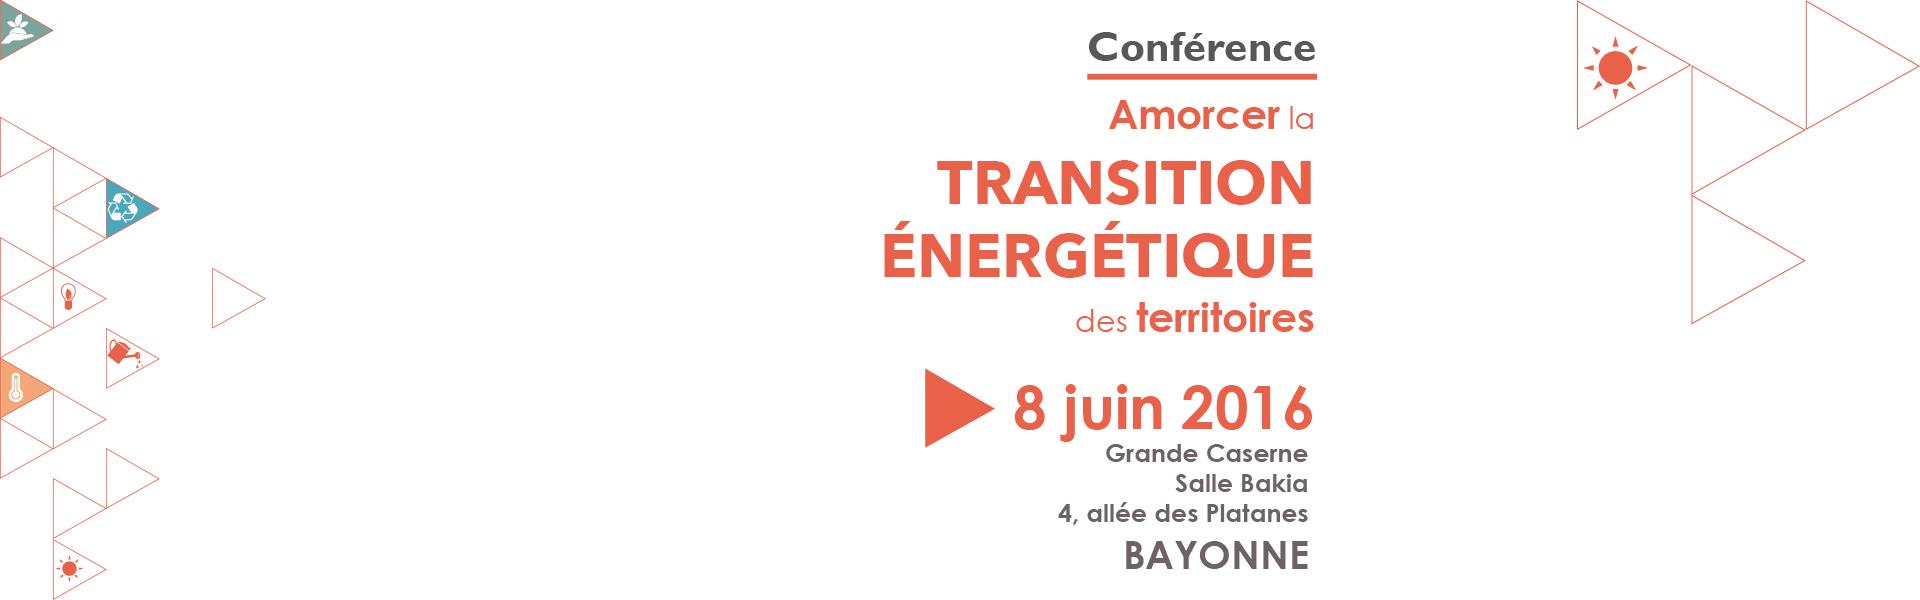 CONFÉRENCE - AMORCER LA TRANSITION ÉNERGÉTIQUE - 8 JUIN 2016 - BAYONNE